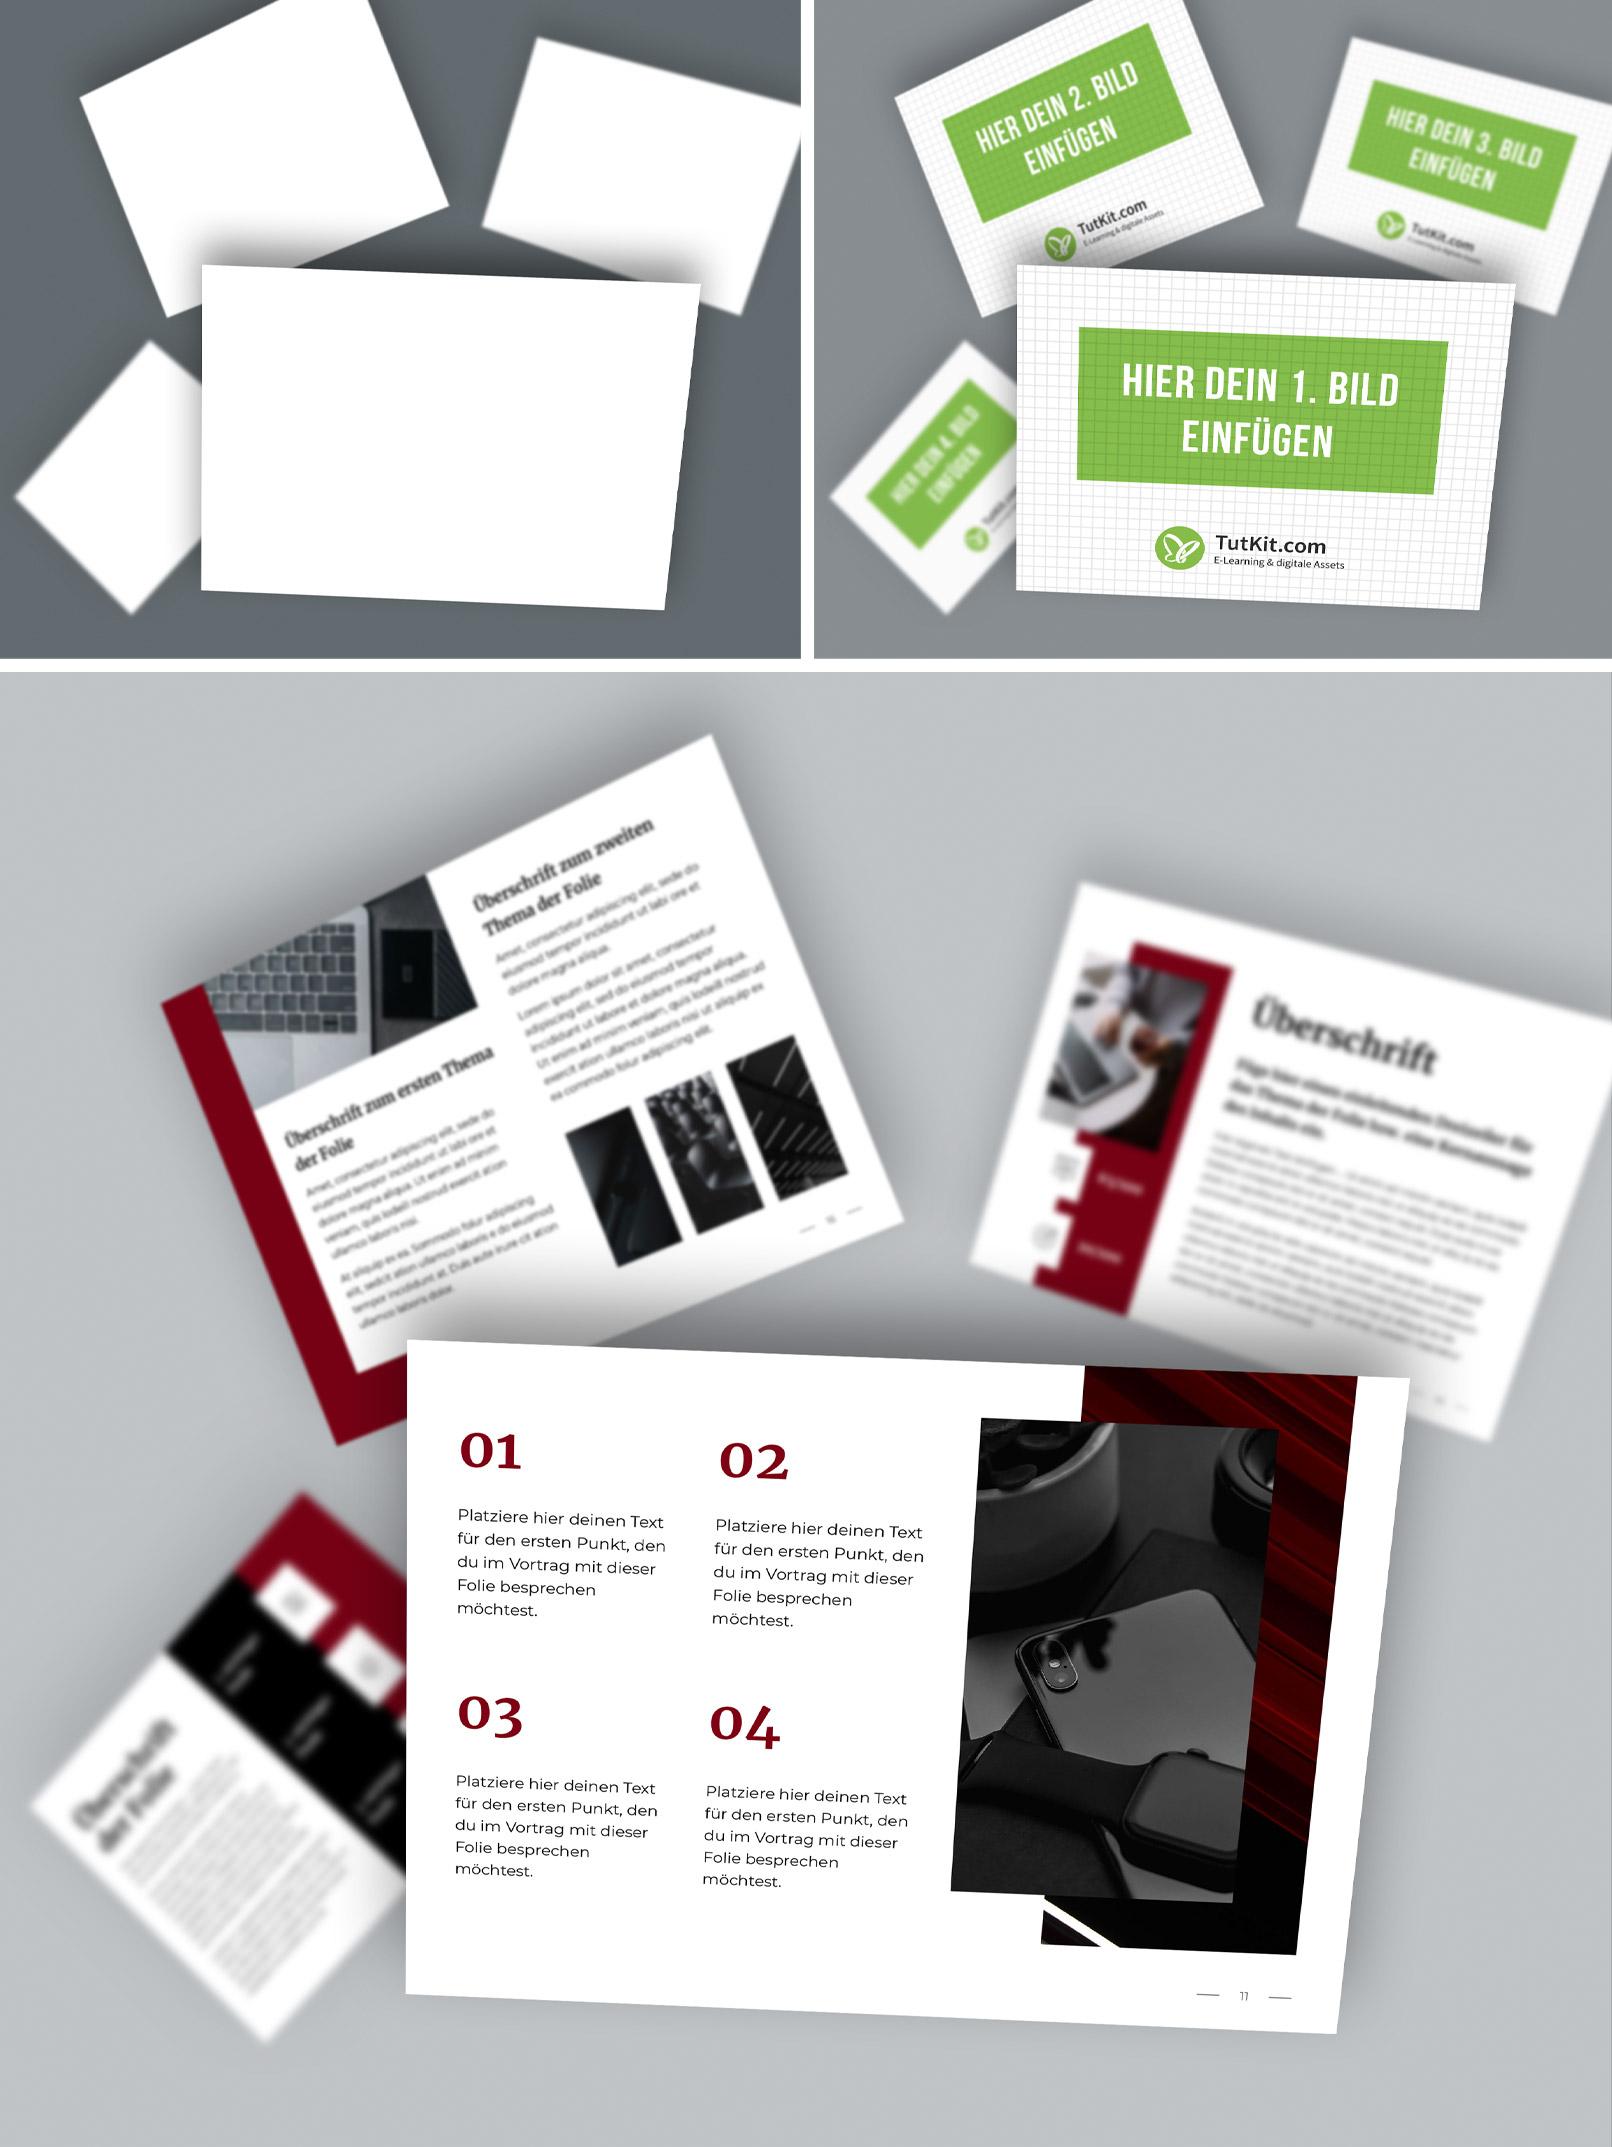 Photoshop-Mockups für Präsentationsfolien im 4:3-Format: Workflow zum Einfügen